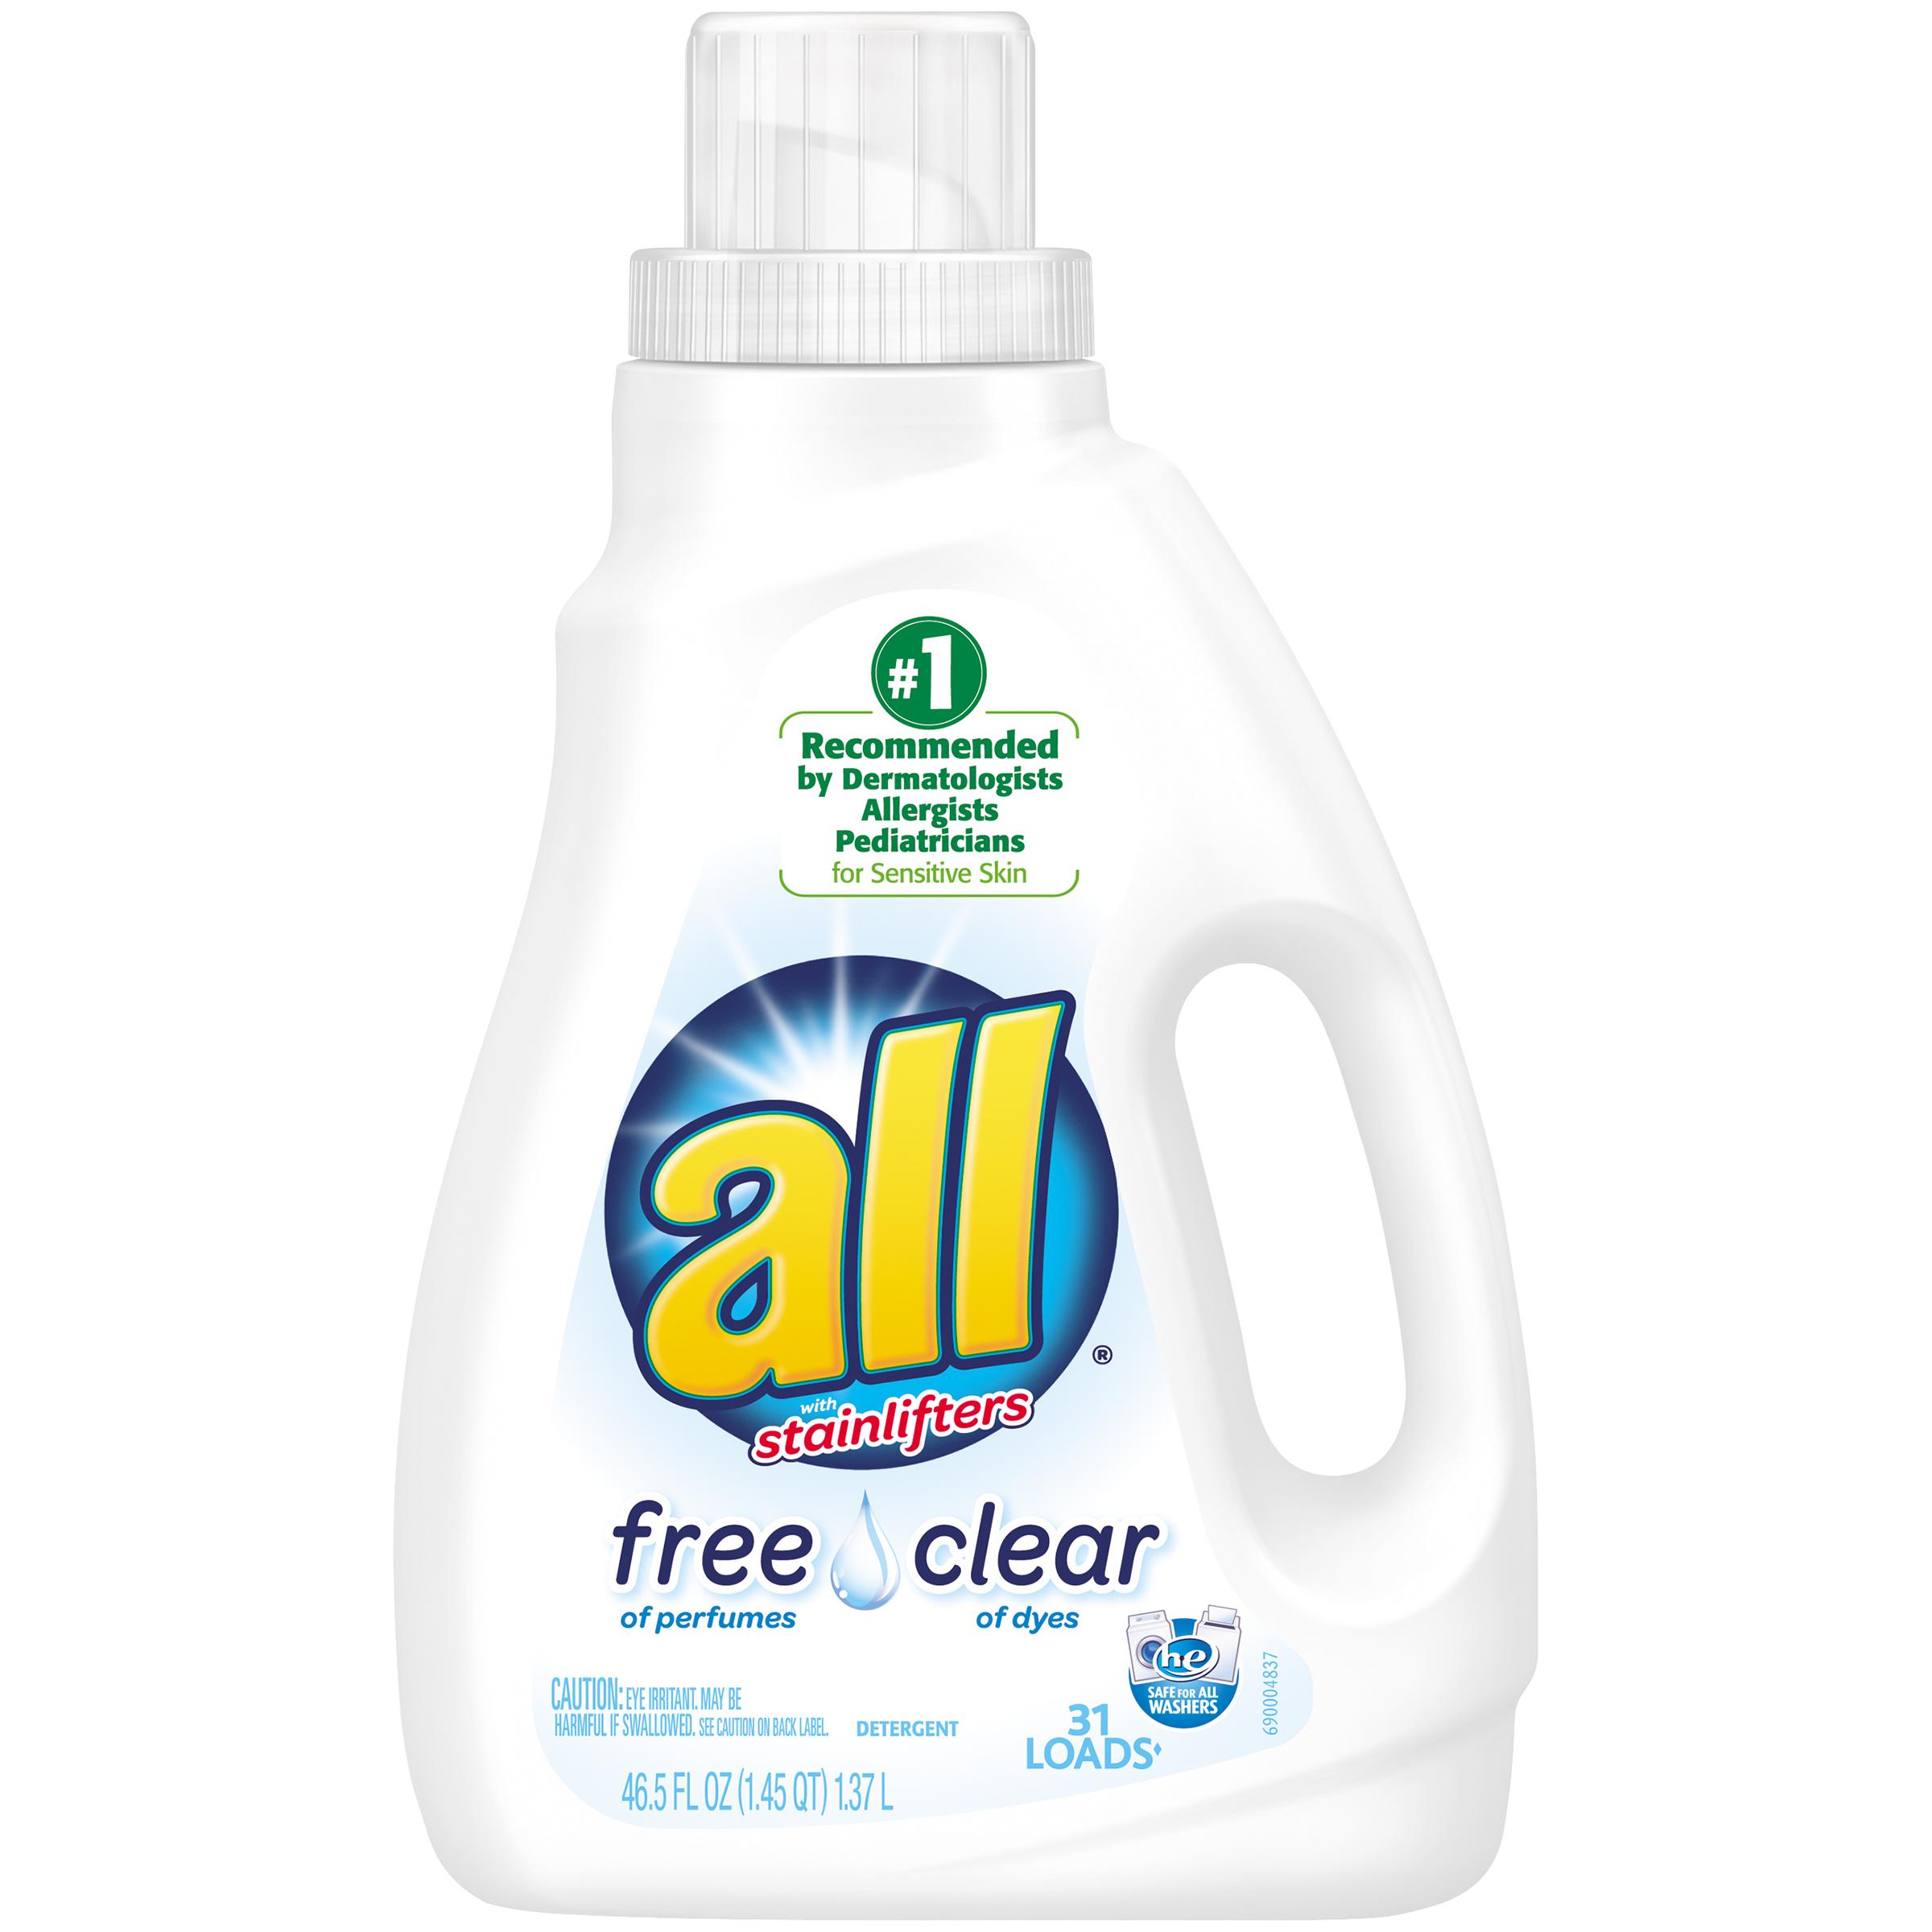 All Detergent Free Clear 46 5 Fl Oz 1 45 Qt 1 37 Lt Add All